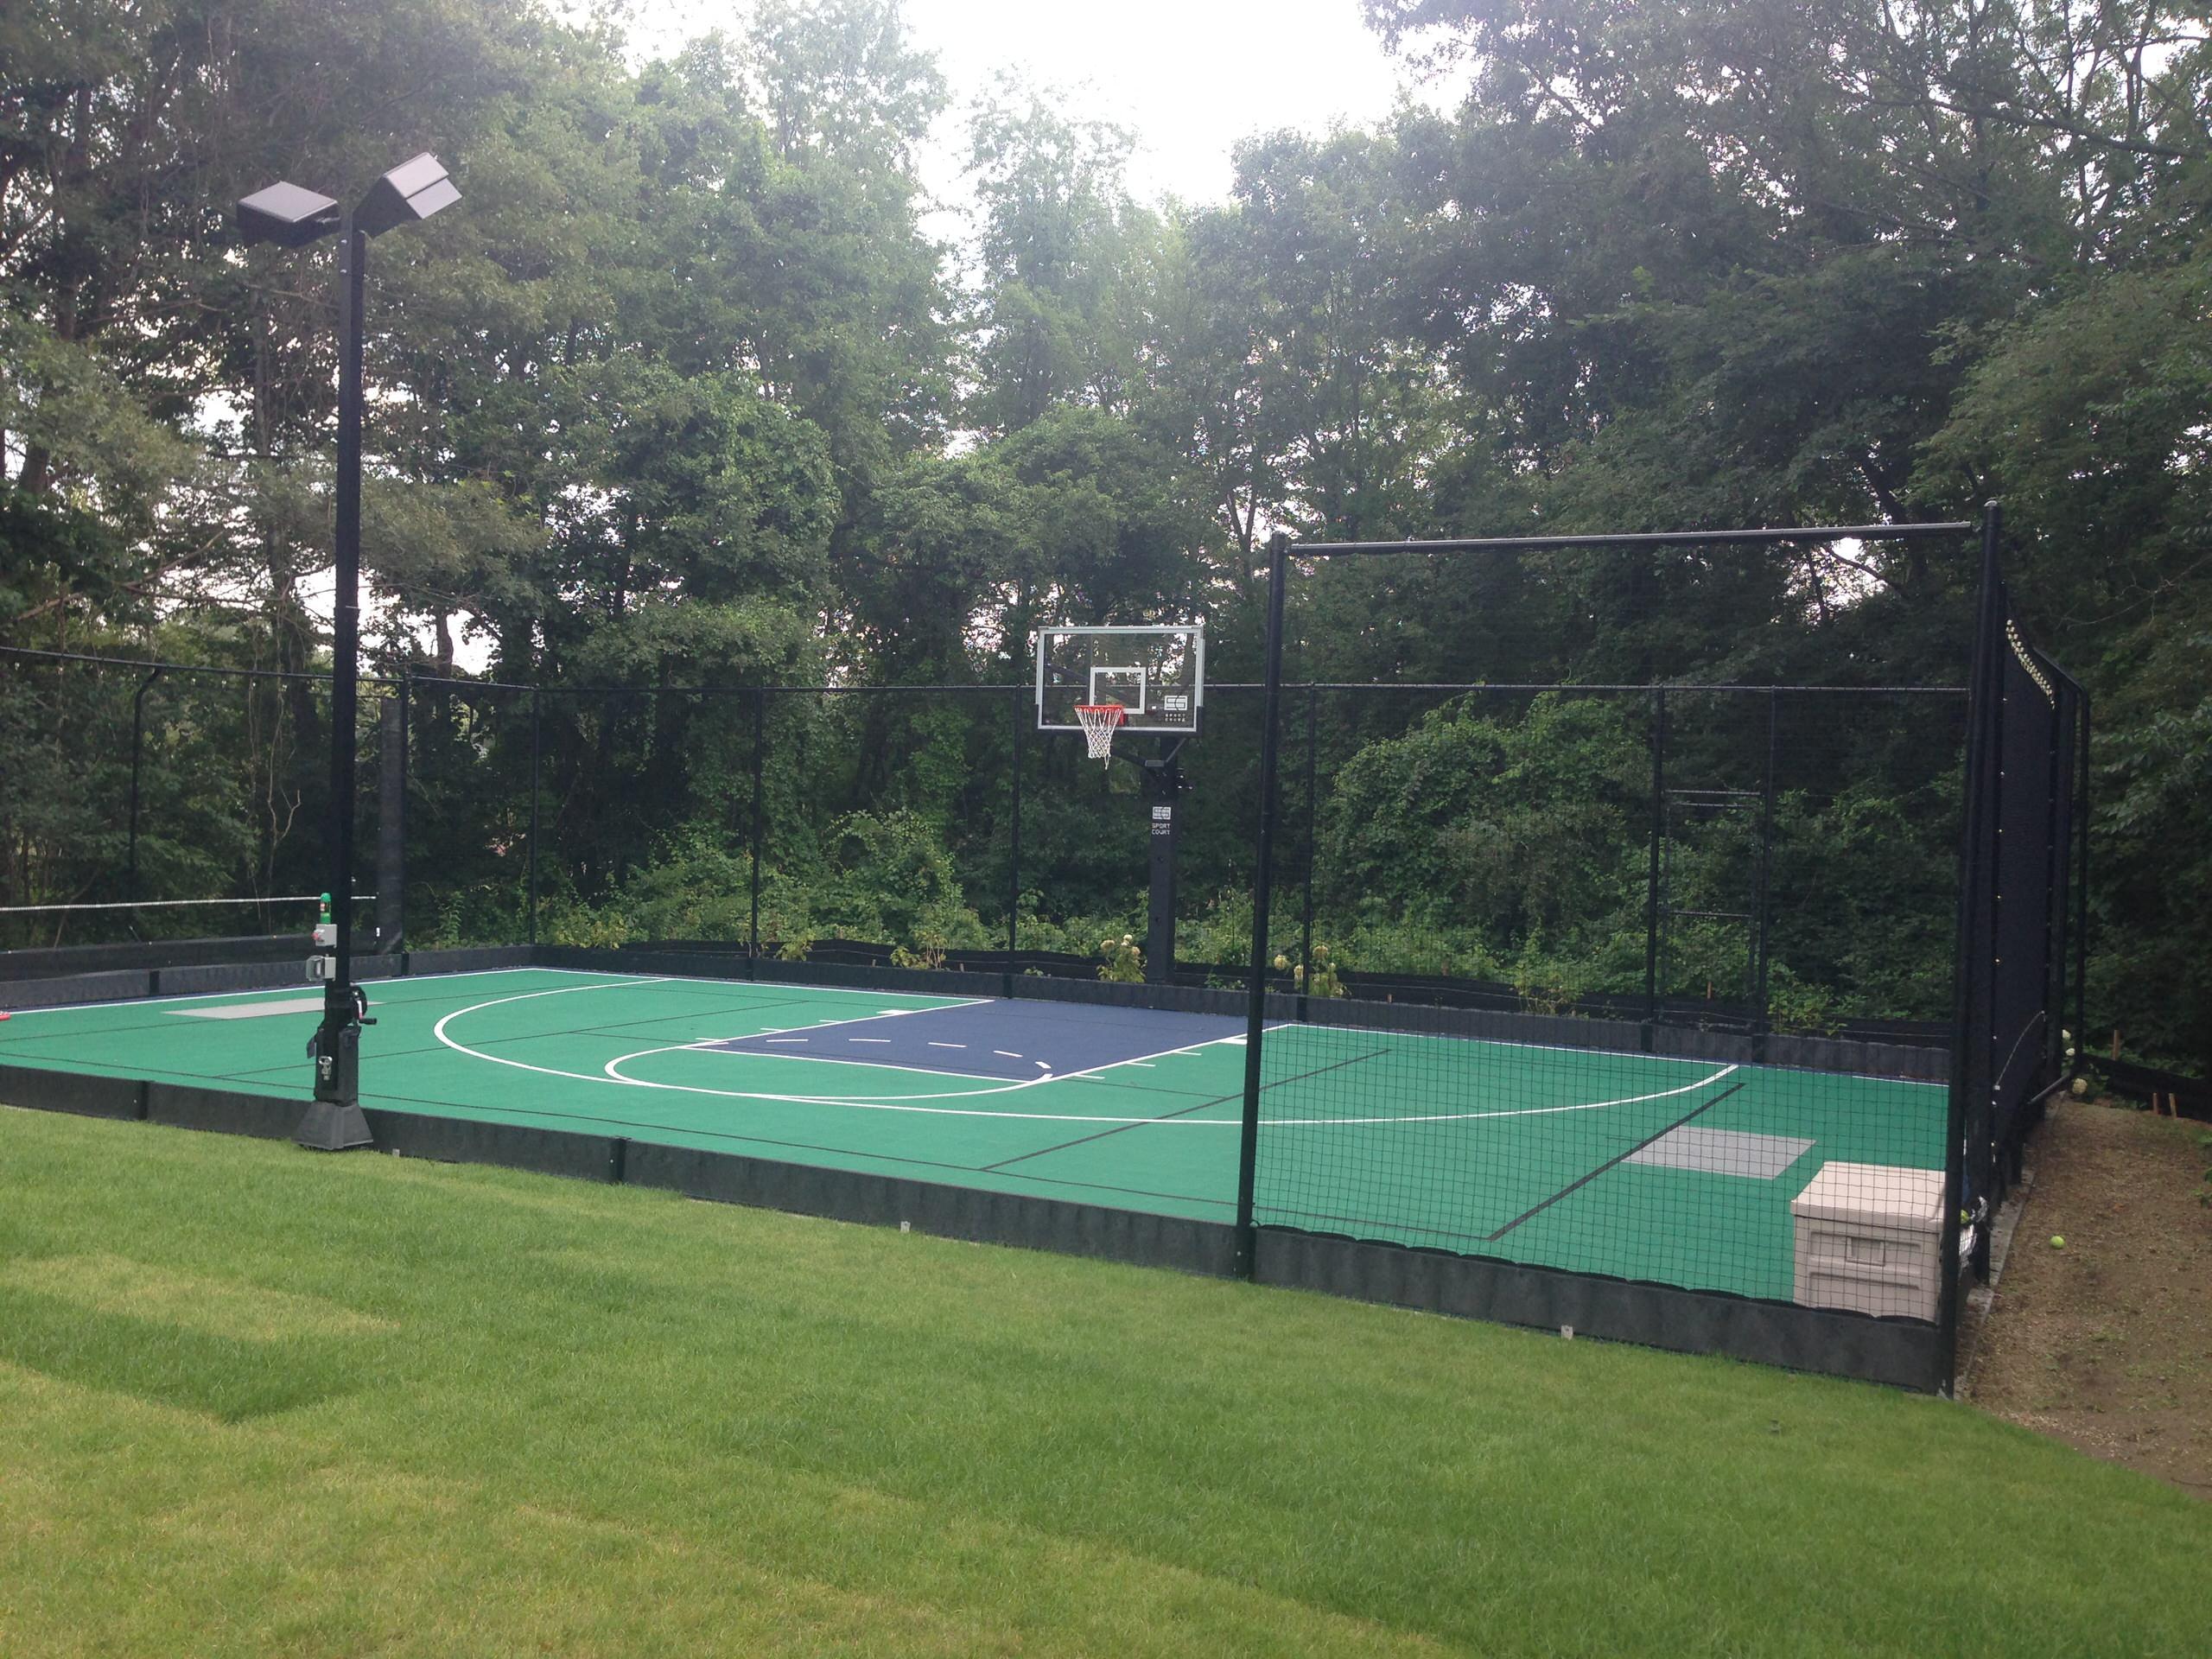 andover backyard basketball court with